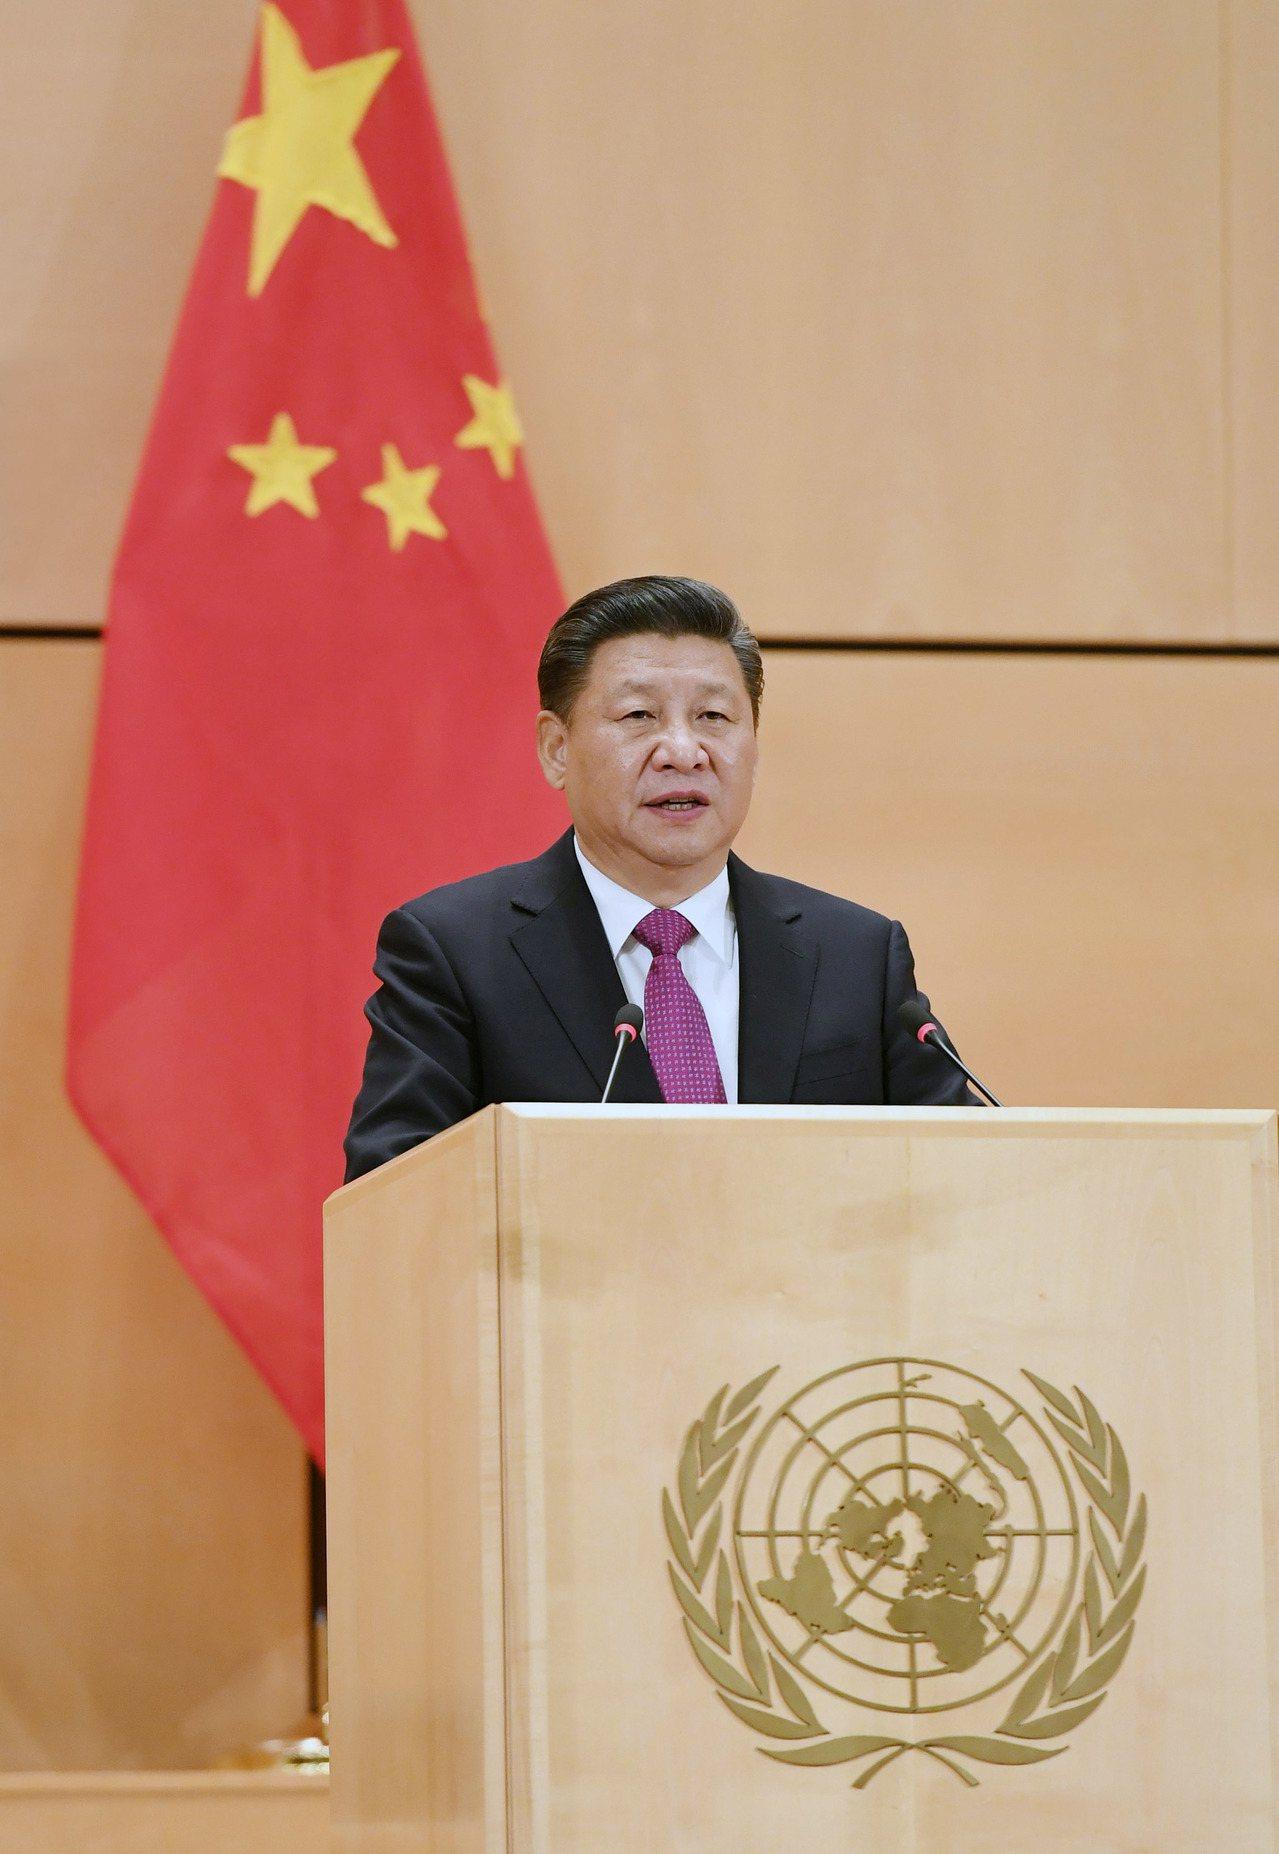 中國大陸國家主席習近平18日在聯合國日內瓦總部發表演講,闡述人類命運共同體理念,...